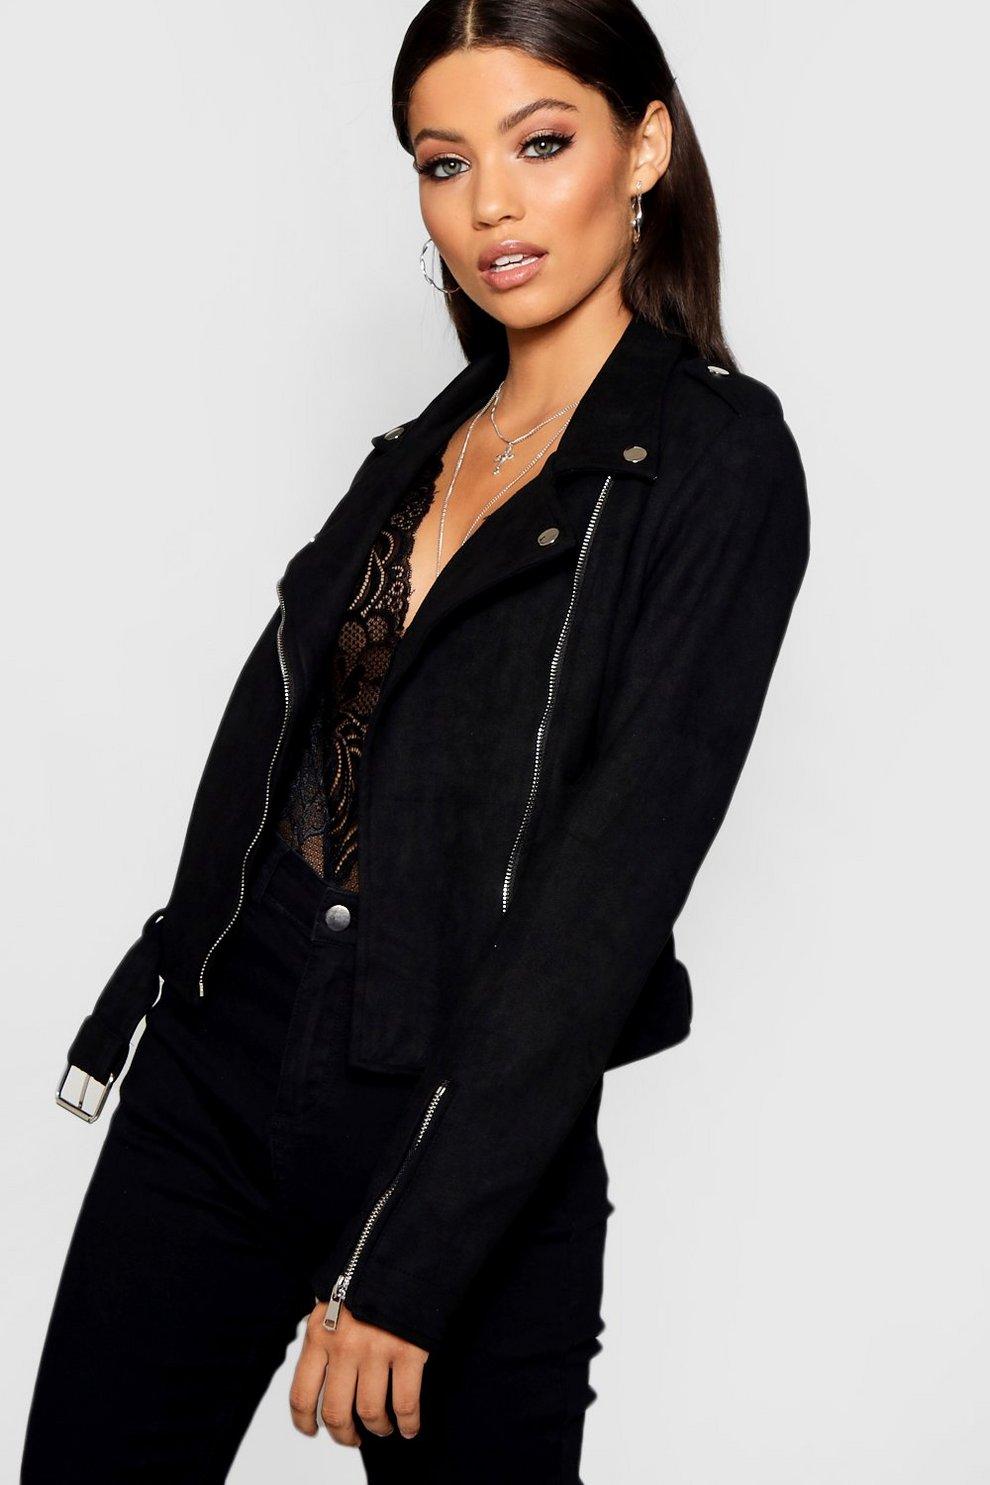 d6e3c4aba9d6 Womens Black Premium Faux Suede Biker Jacket